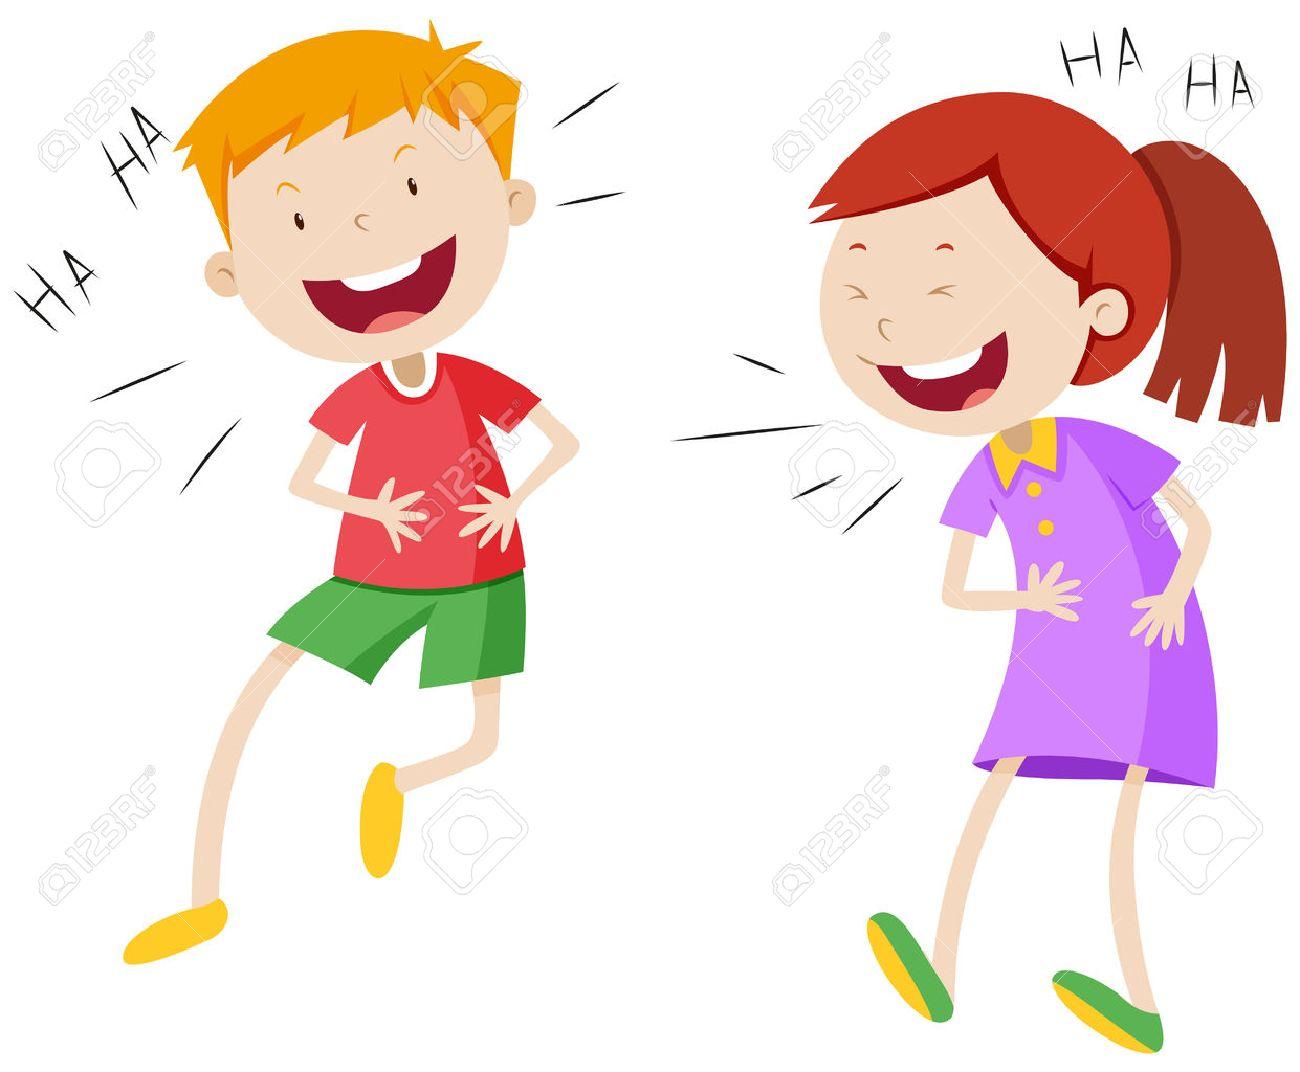 1300x1072 Kids Laughing Clipart C6cc8cdc34a3227b213265217ab41620 Clip Art